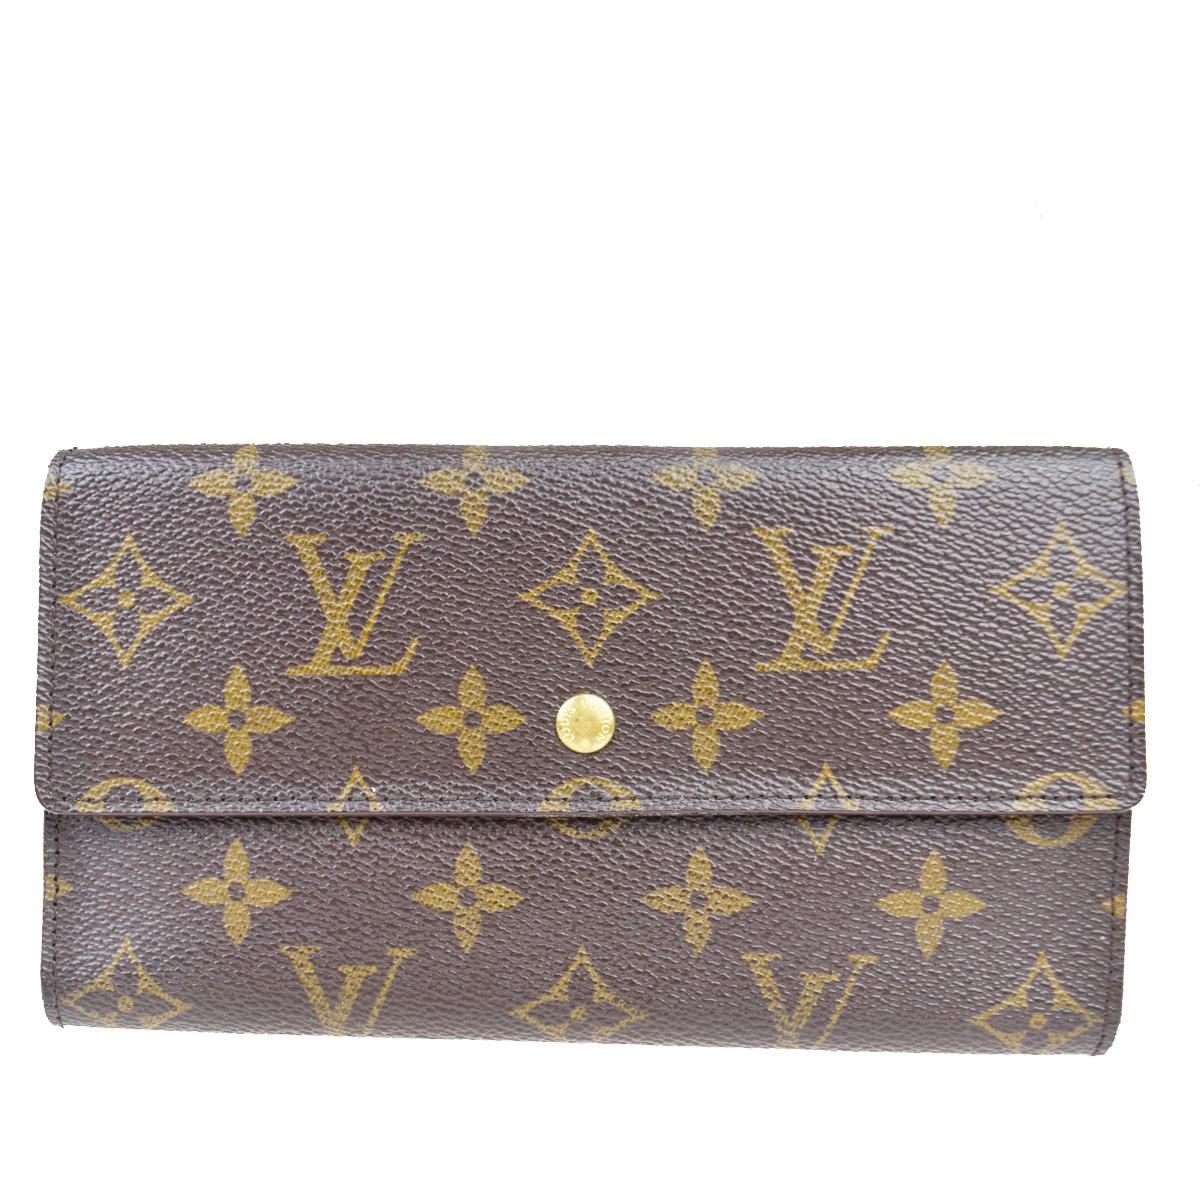 【中古】 ルイ・ヴィトン(Louis Vuitton) モノグラム ポルトフォイユ インターナショナル M61217 レザー 長財布(三つ折り) 09EB030